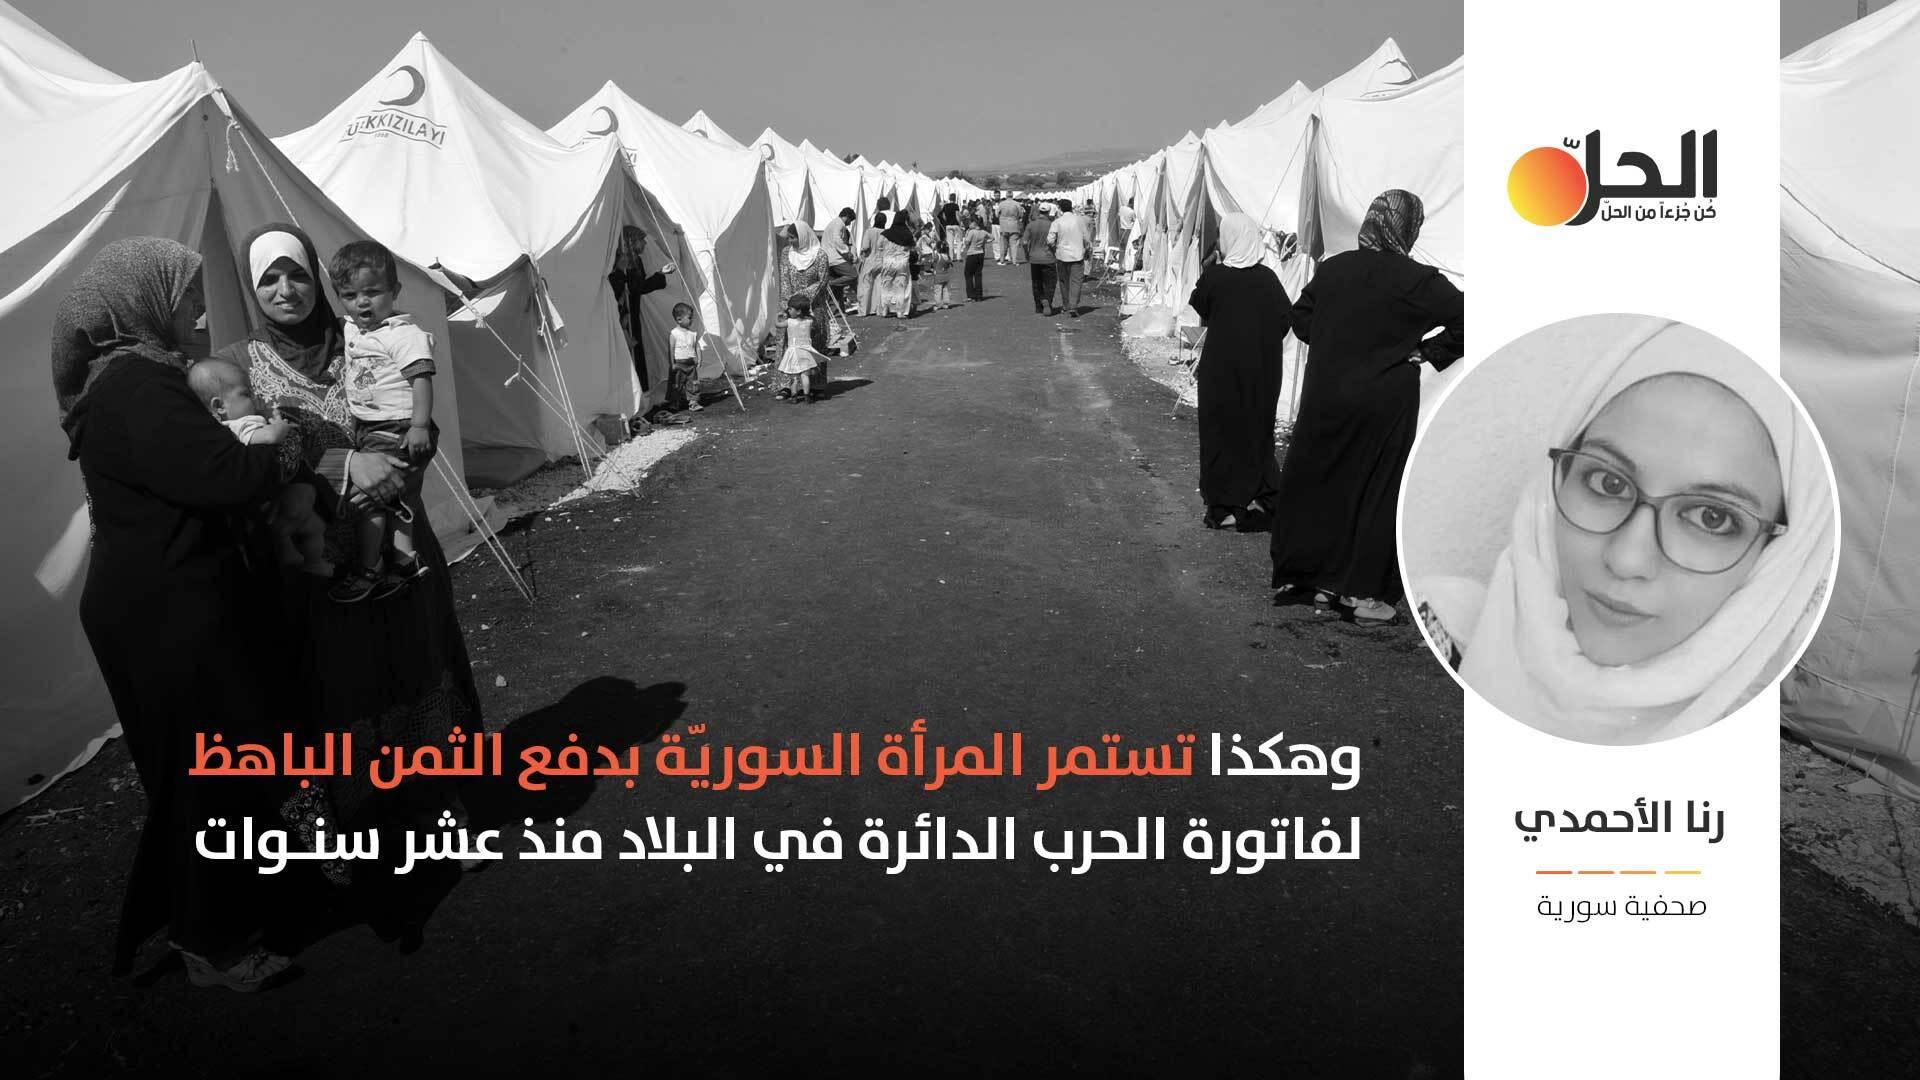 أمهات ضحايا «داعش».. ولع الانتظار وكفاح لانتزاع لقمة العيش